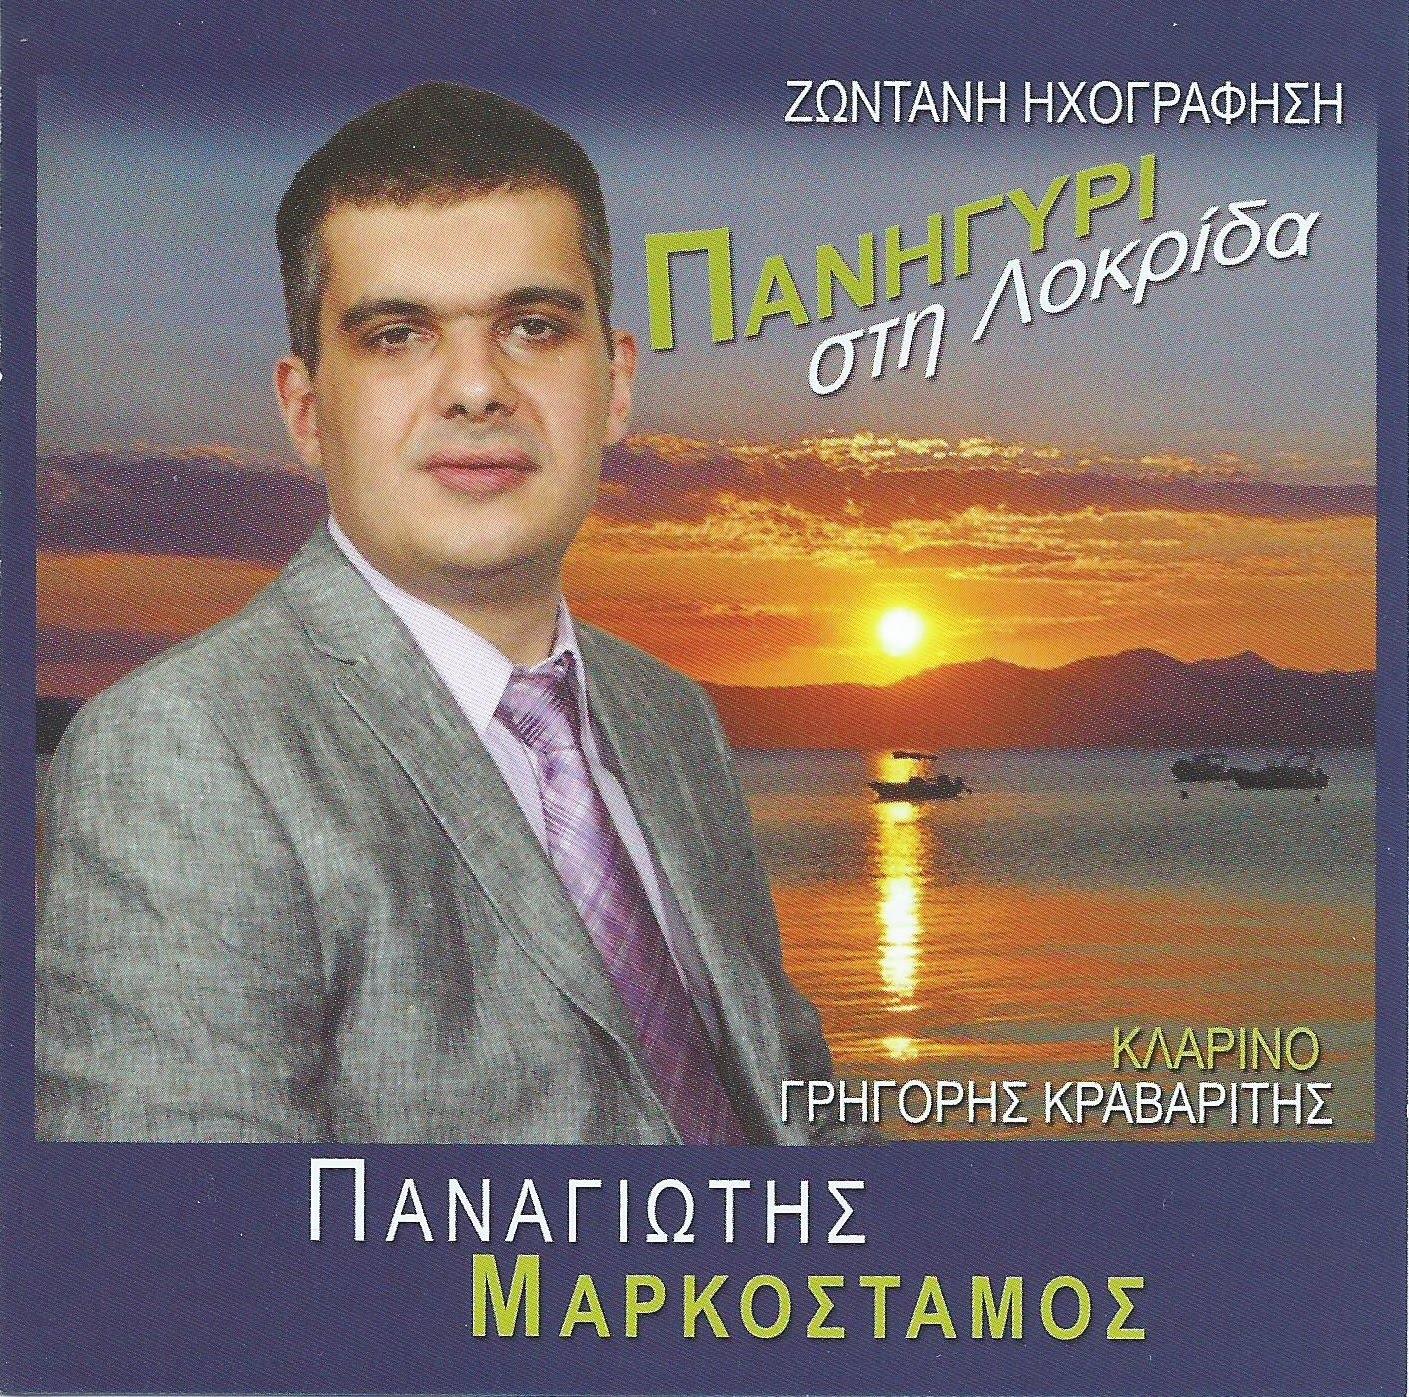 ΜΑΡΚΟΣΤΑΜΟΣ ΠΑΝΑΓΙΩΤΗΣ- NEO 2015